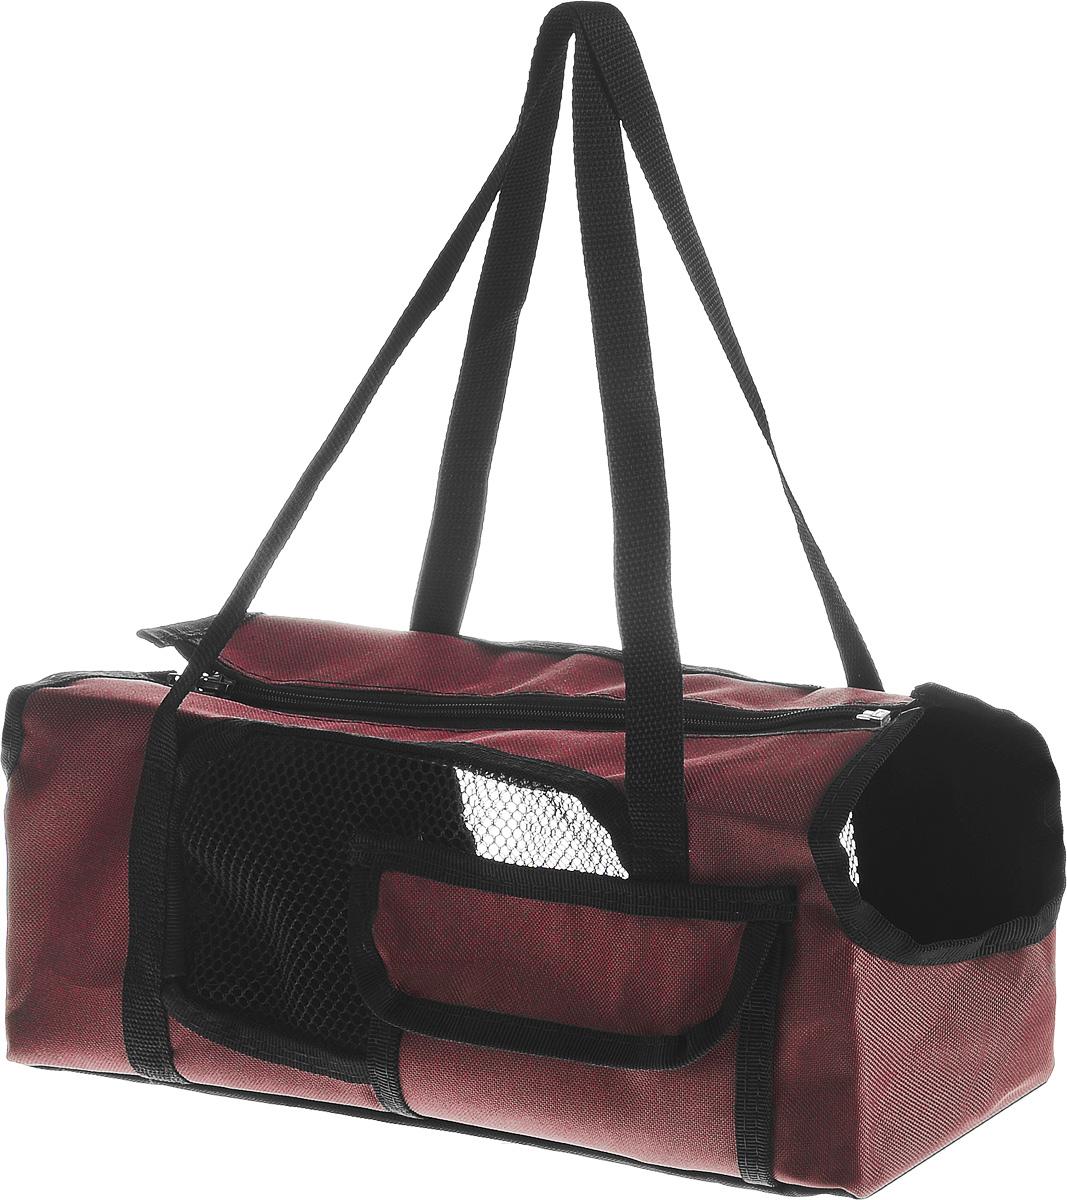 Сумка-переноска для животных Elite Valley Батискаф, с отверстием для головы, цвет: бордовый, черный, 37 х 14 х 16 смС-57_бордовыйТекстильная сумка Elite Valley Батискаф предназначена для собак мелких пород и кошек. Изделие закрывается на застежку- молнию. Для удобной переноски предусмотрены ручки. С внешней стороны имеется один небольшой карман. Также сумка оснащена отверстиями для головы и хвоста животного. По бокам расположены вставки из сетчатой ткани. Дно уплотнено твердой съемной вставкой. Сумка-переноска Elite Valley Батискаф обязательно понравится вашему домашнему любимцу.